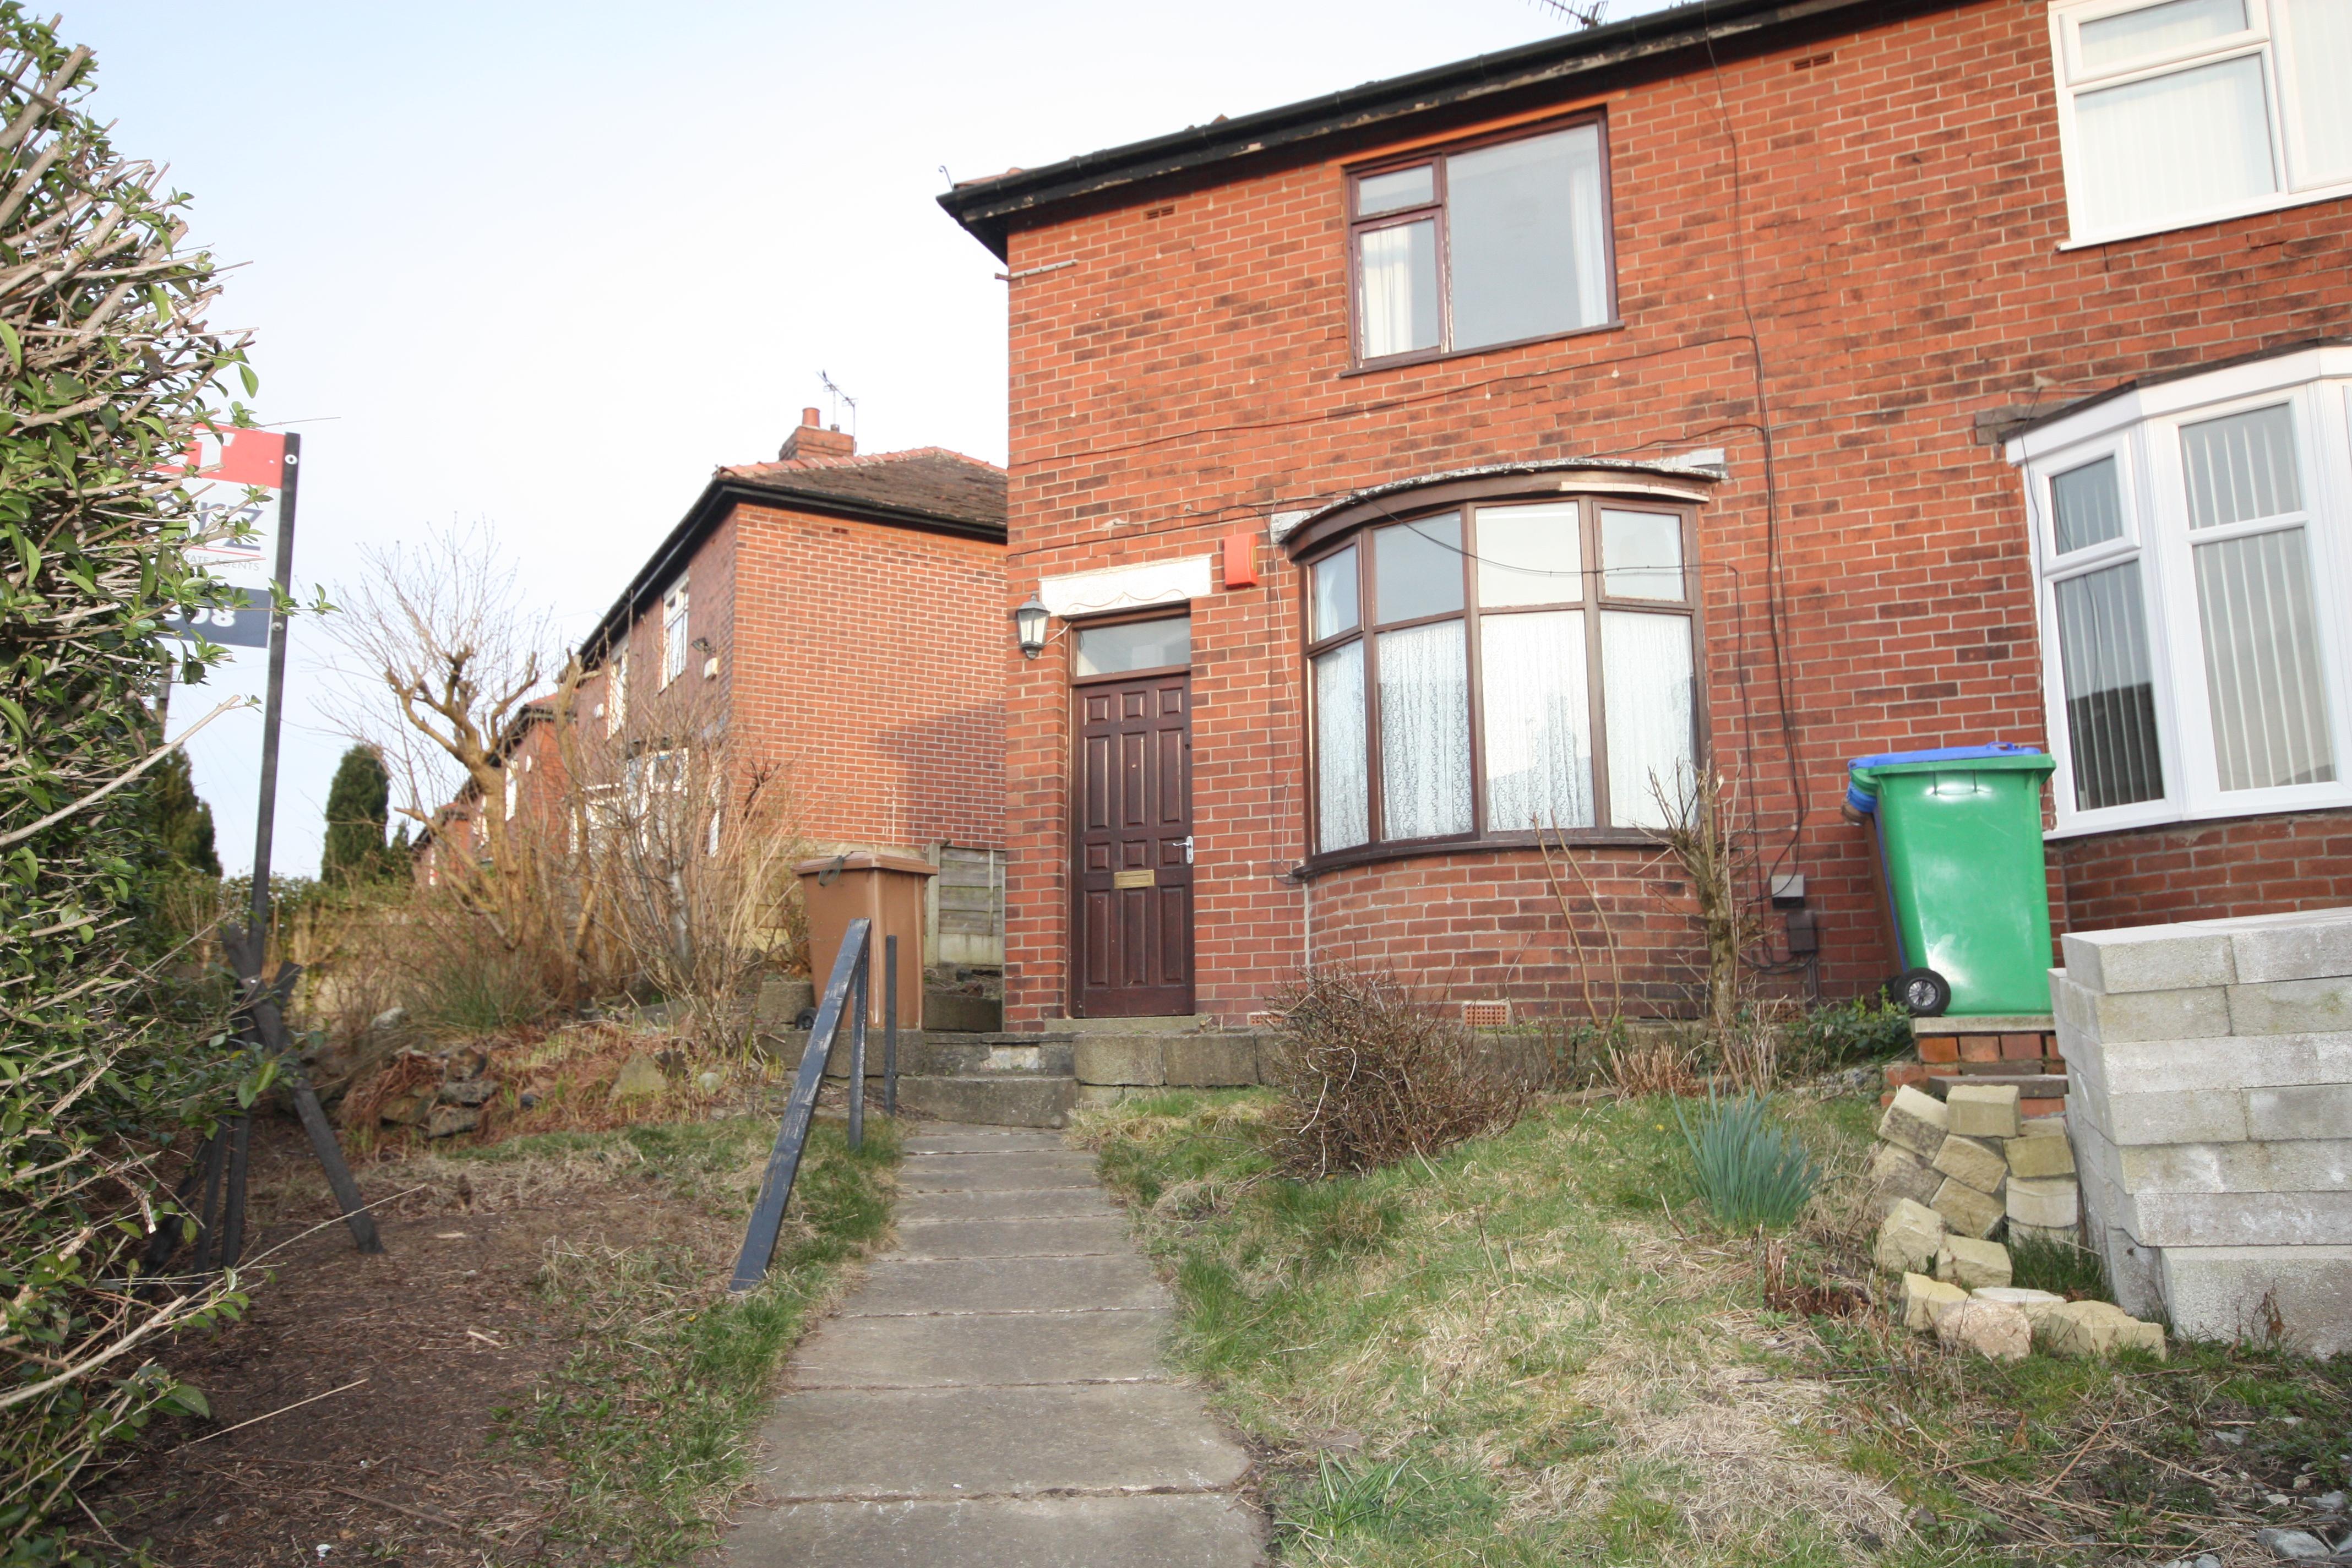 121 Hardwicke Street Deeplish, Rochdale